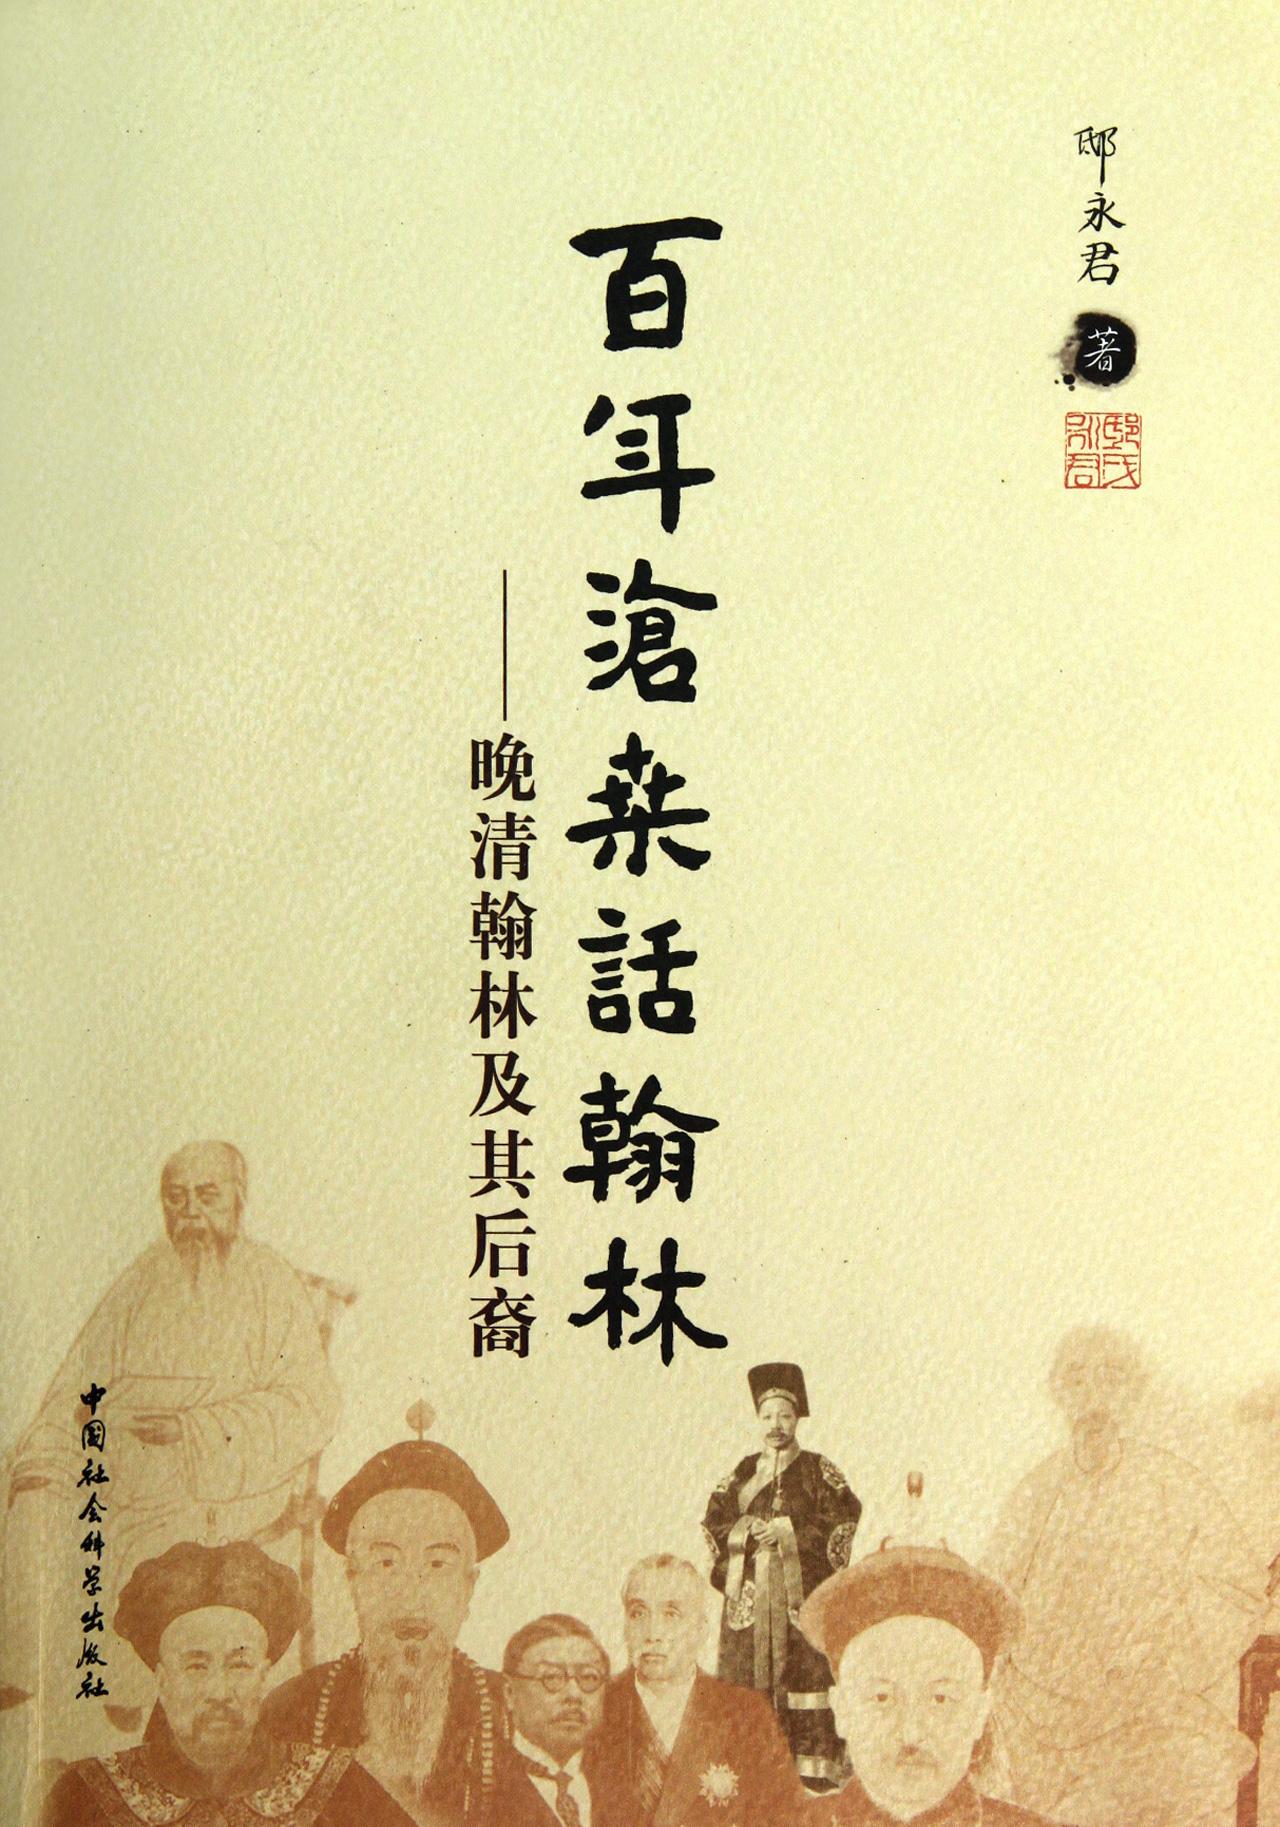 百年沧桑话翰林--晚清翰林及其后裔